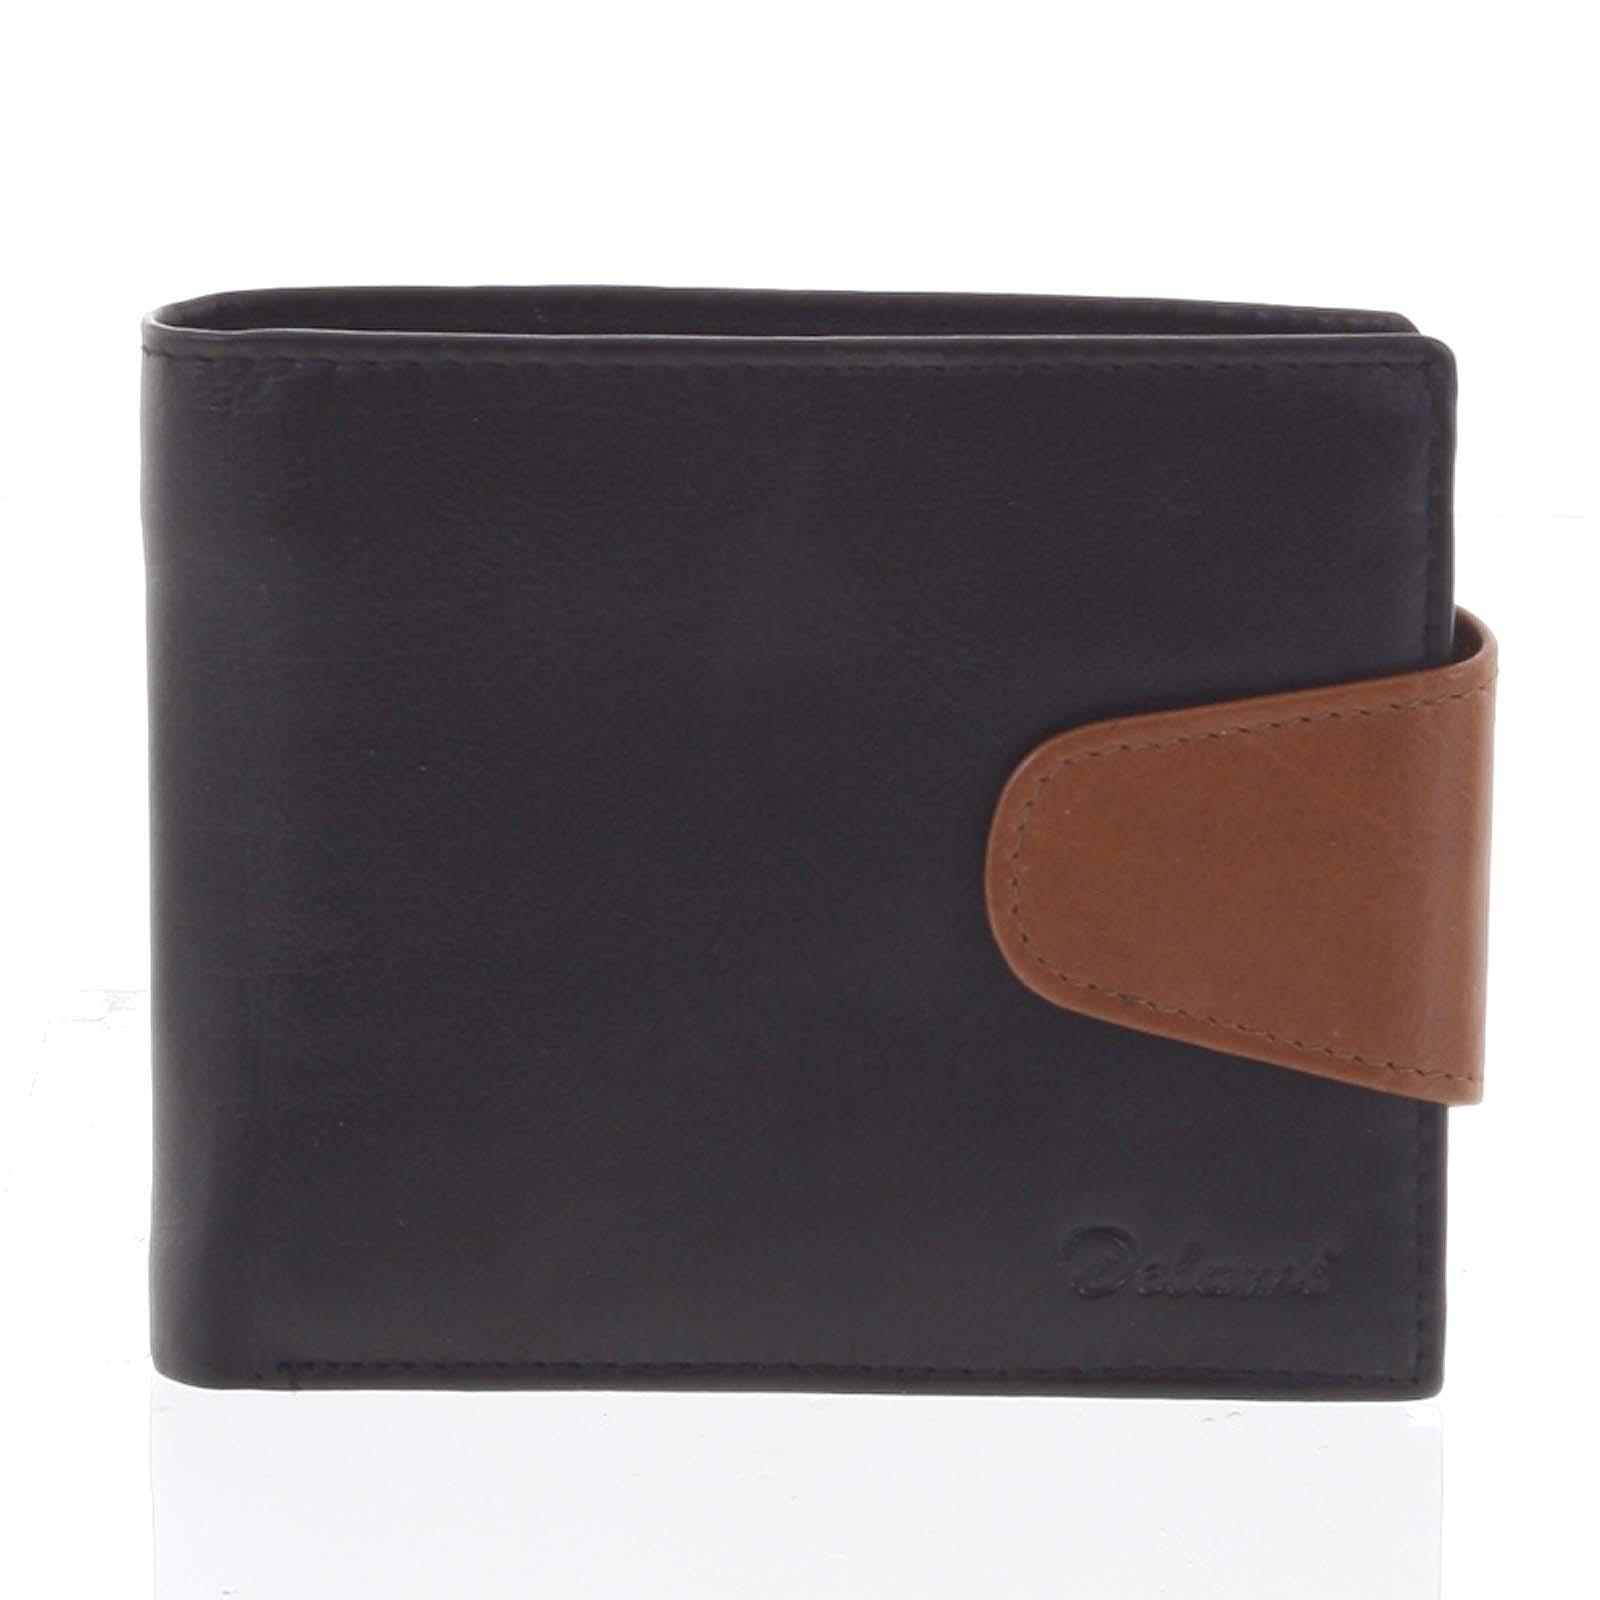 Pánska kožená peňaženka čierno-hnedá - Delami 11816